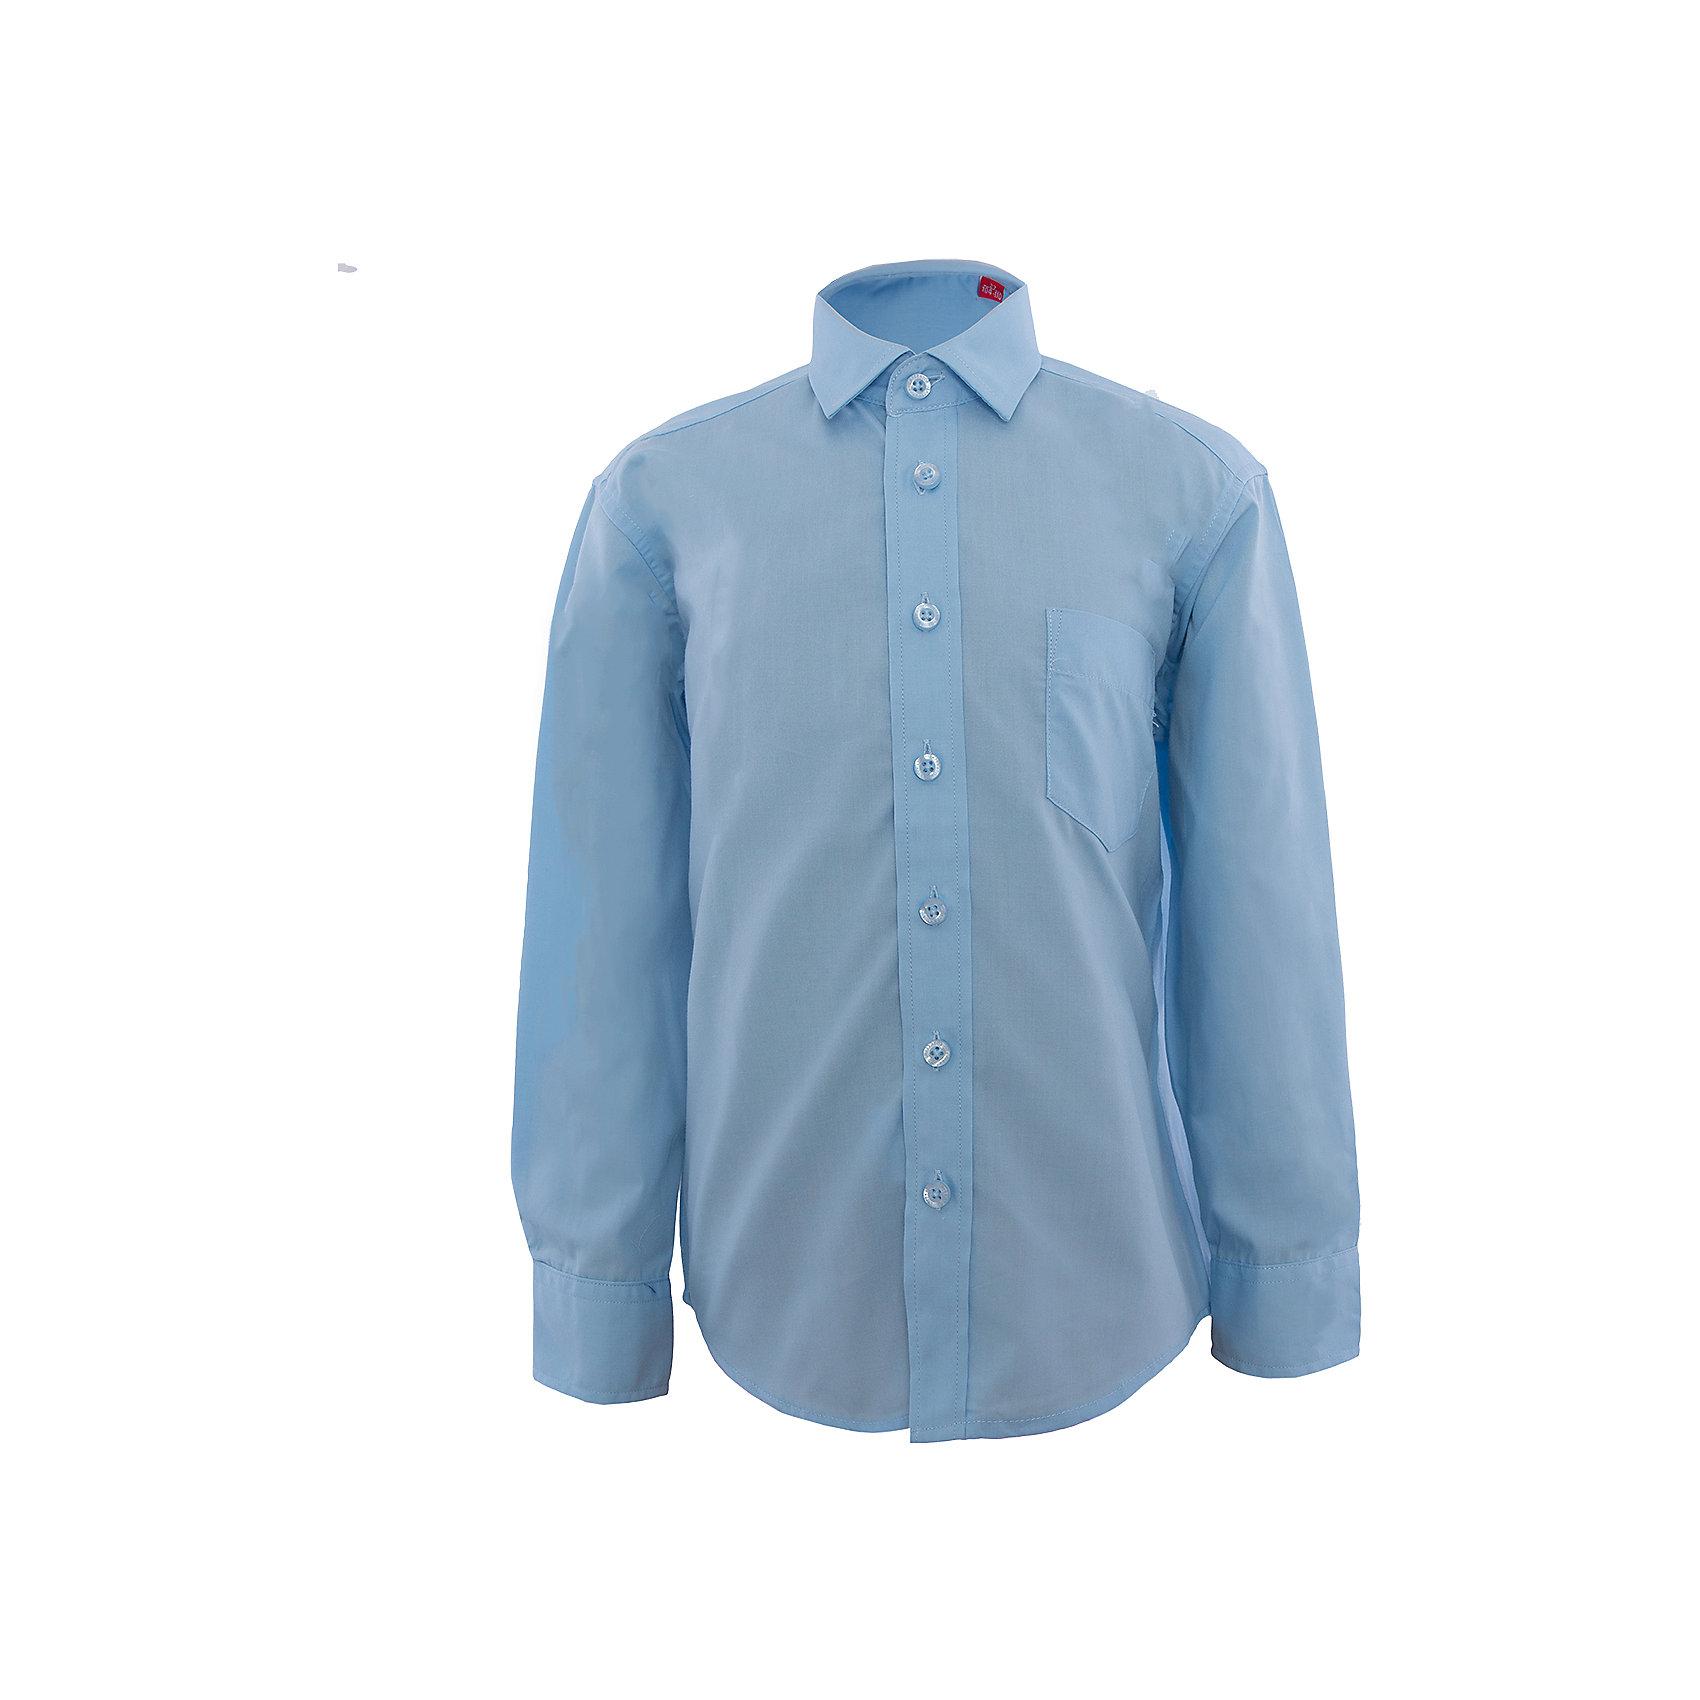 Рубашка для мальчика ImperatorРубашка для мальчика от российской марки Imperator.<br>Состав:<br>55% хлопок 45% полиэстер<br><br>Ширина мм: 174<br>Глубина мм: 10<br>Высота мм: 169<br>Вес г: 157<br>Цвет: голубой<br>Возраст от месяцев: 48<br>Возраст до месяцев: 60<br>Пол: Мужской<br>Возраст: Детский<br>Размер: 104/110,98/104,92/98,116/122,110/116<br>SKU: 4163564